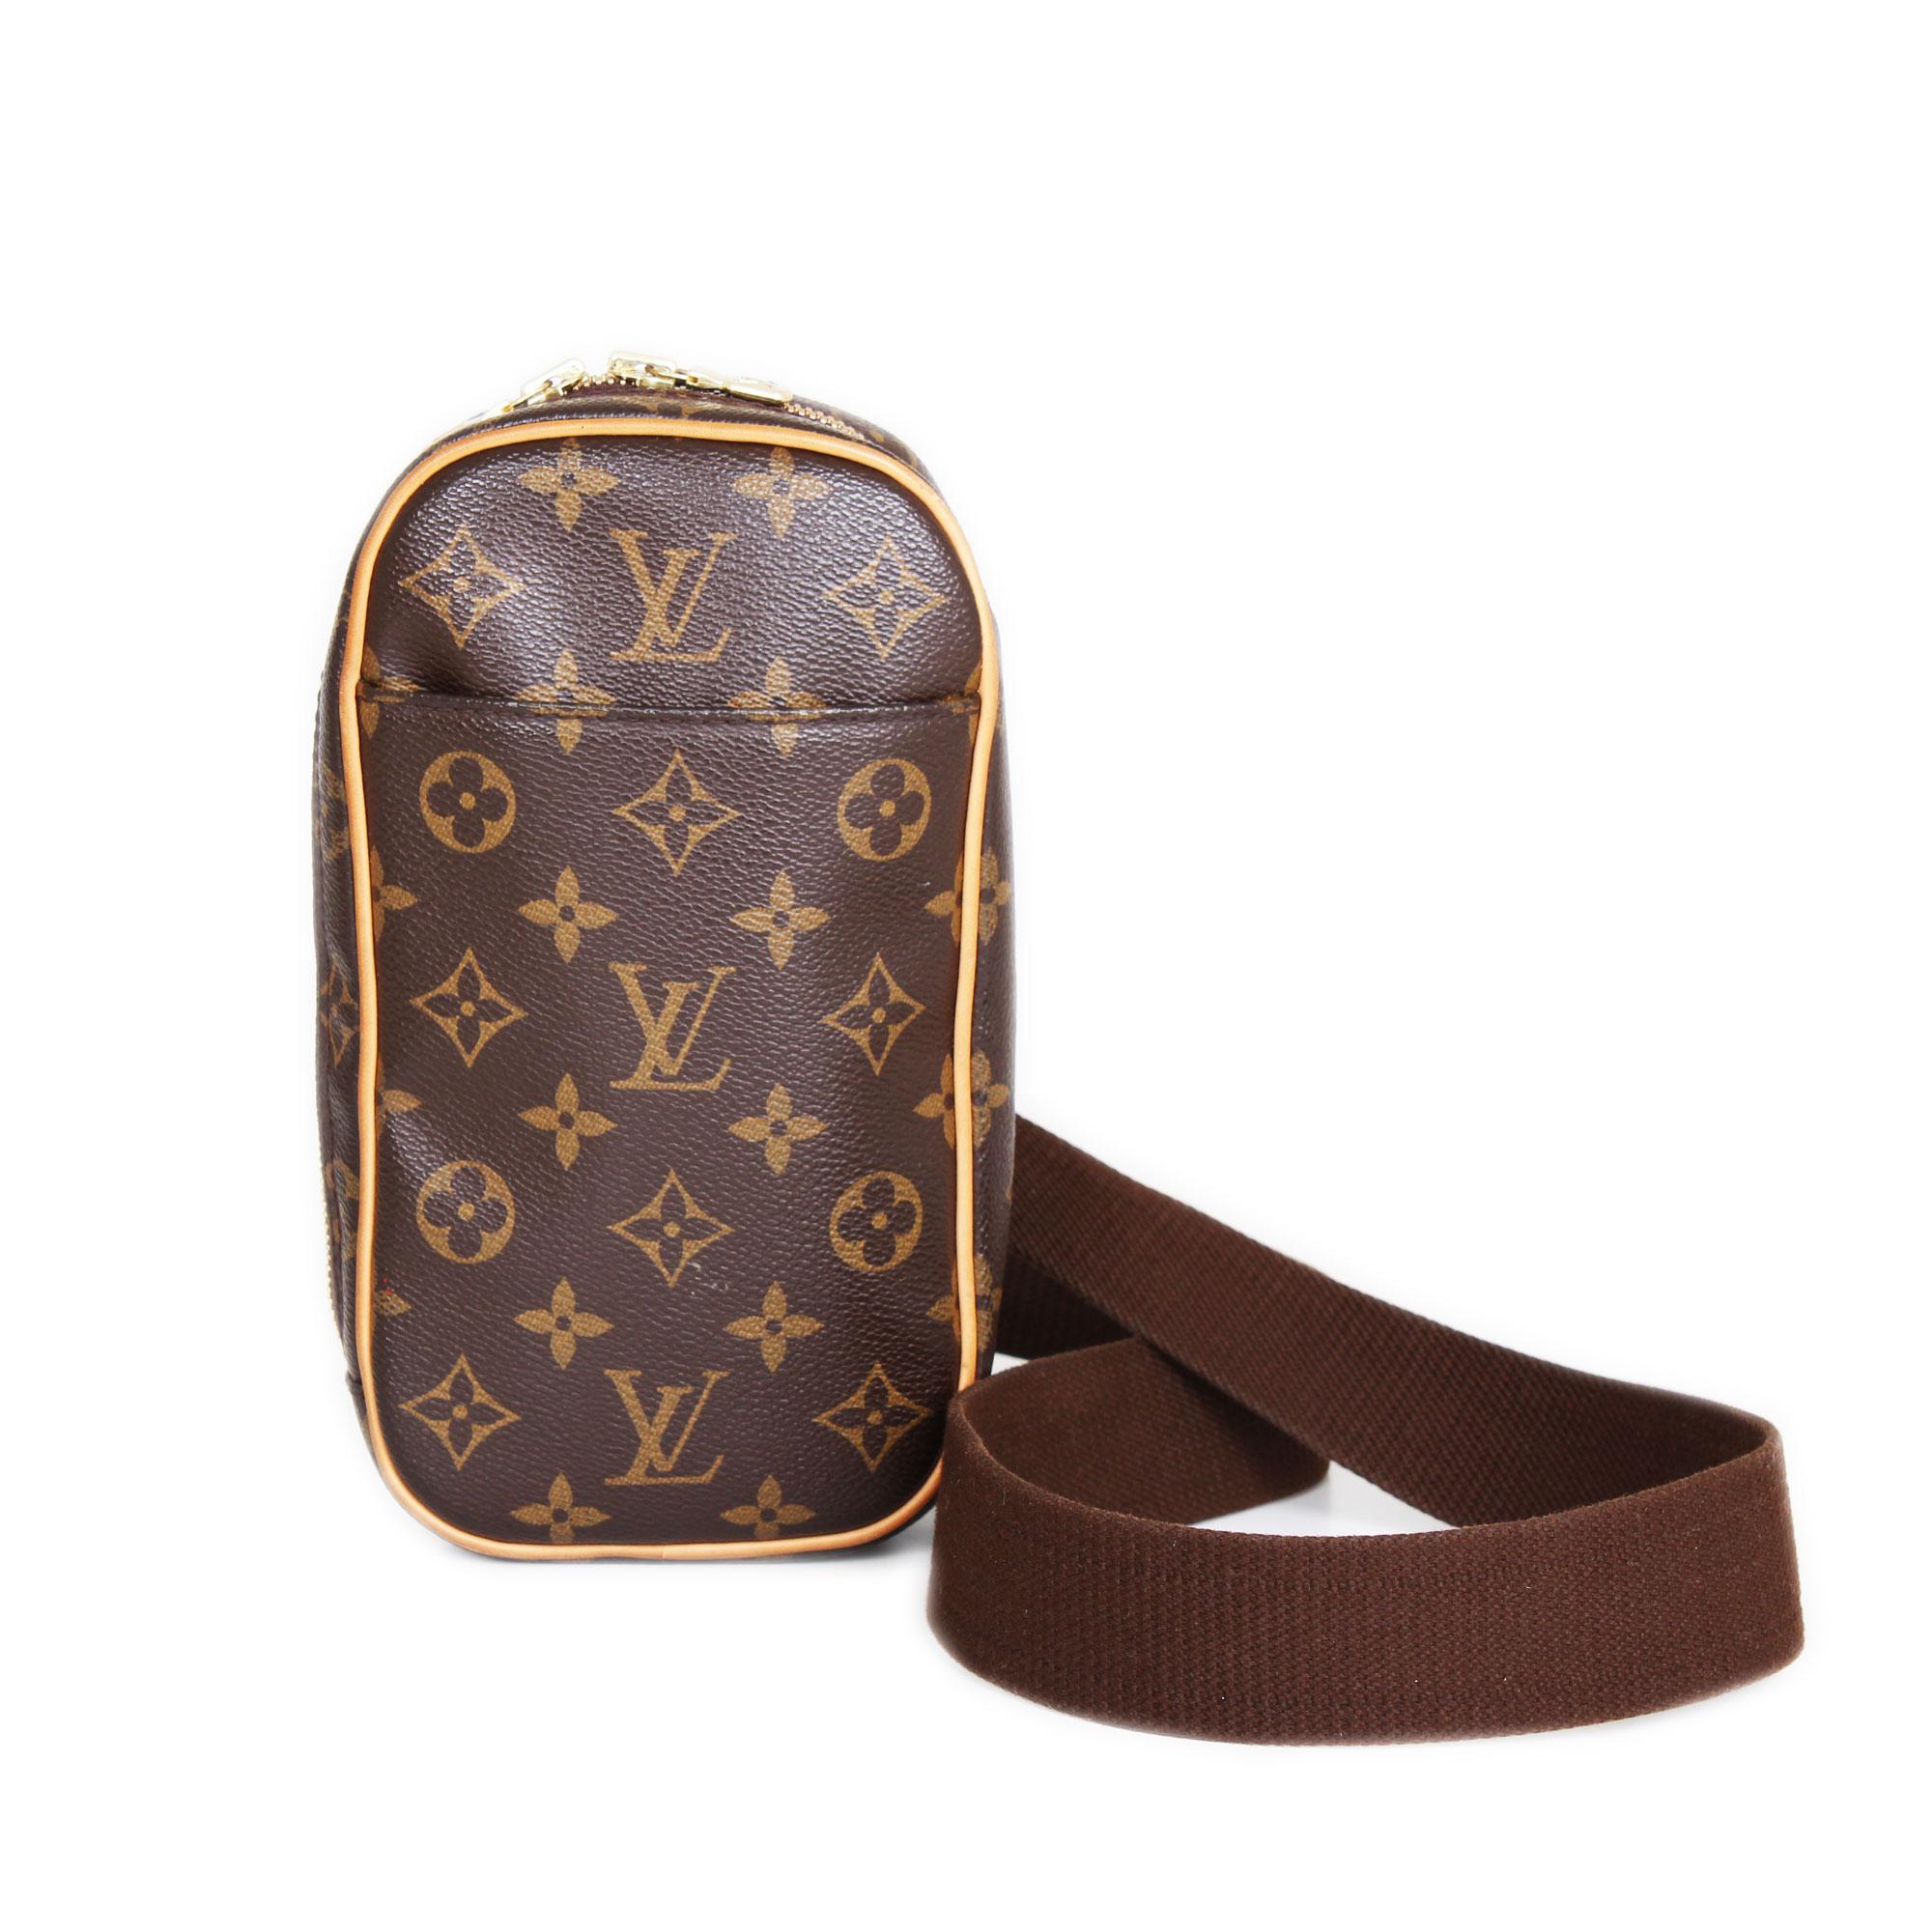 94892f0dc14b7 Riñonera Louis Vuitton Lona Monograma. Louis Vuitton Monogram Vintage Gange  Bumbag